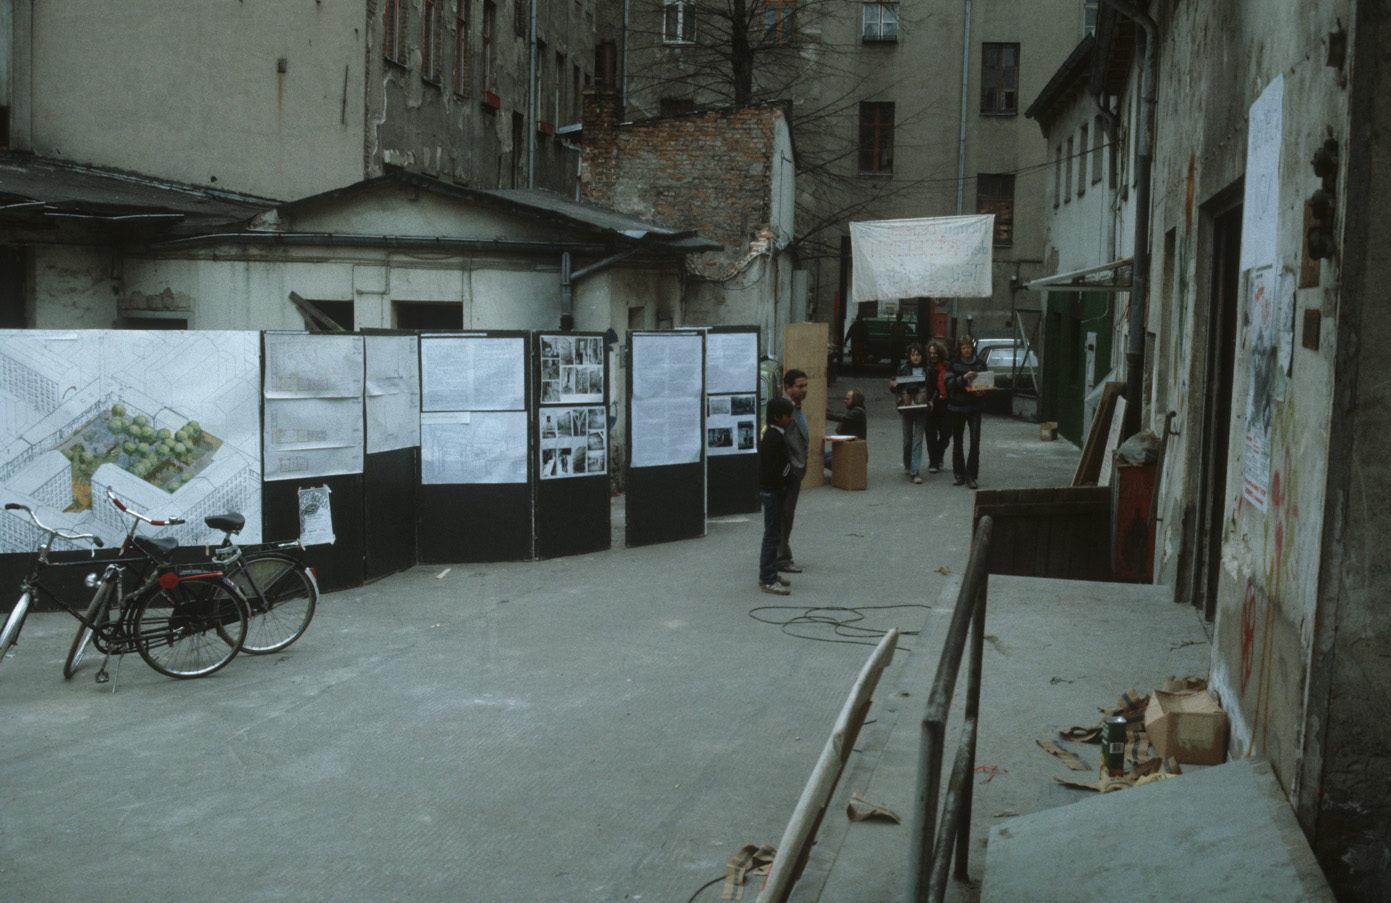 Stadtplanung und Alltag. Eine Ausstellung im Hinterhof der Lausitzer Straße, um 1982. Foto: Kostas Kouvelis/FHXB Friedrichshain-Kreuzberg Museum/CC BY 4.0